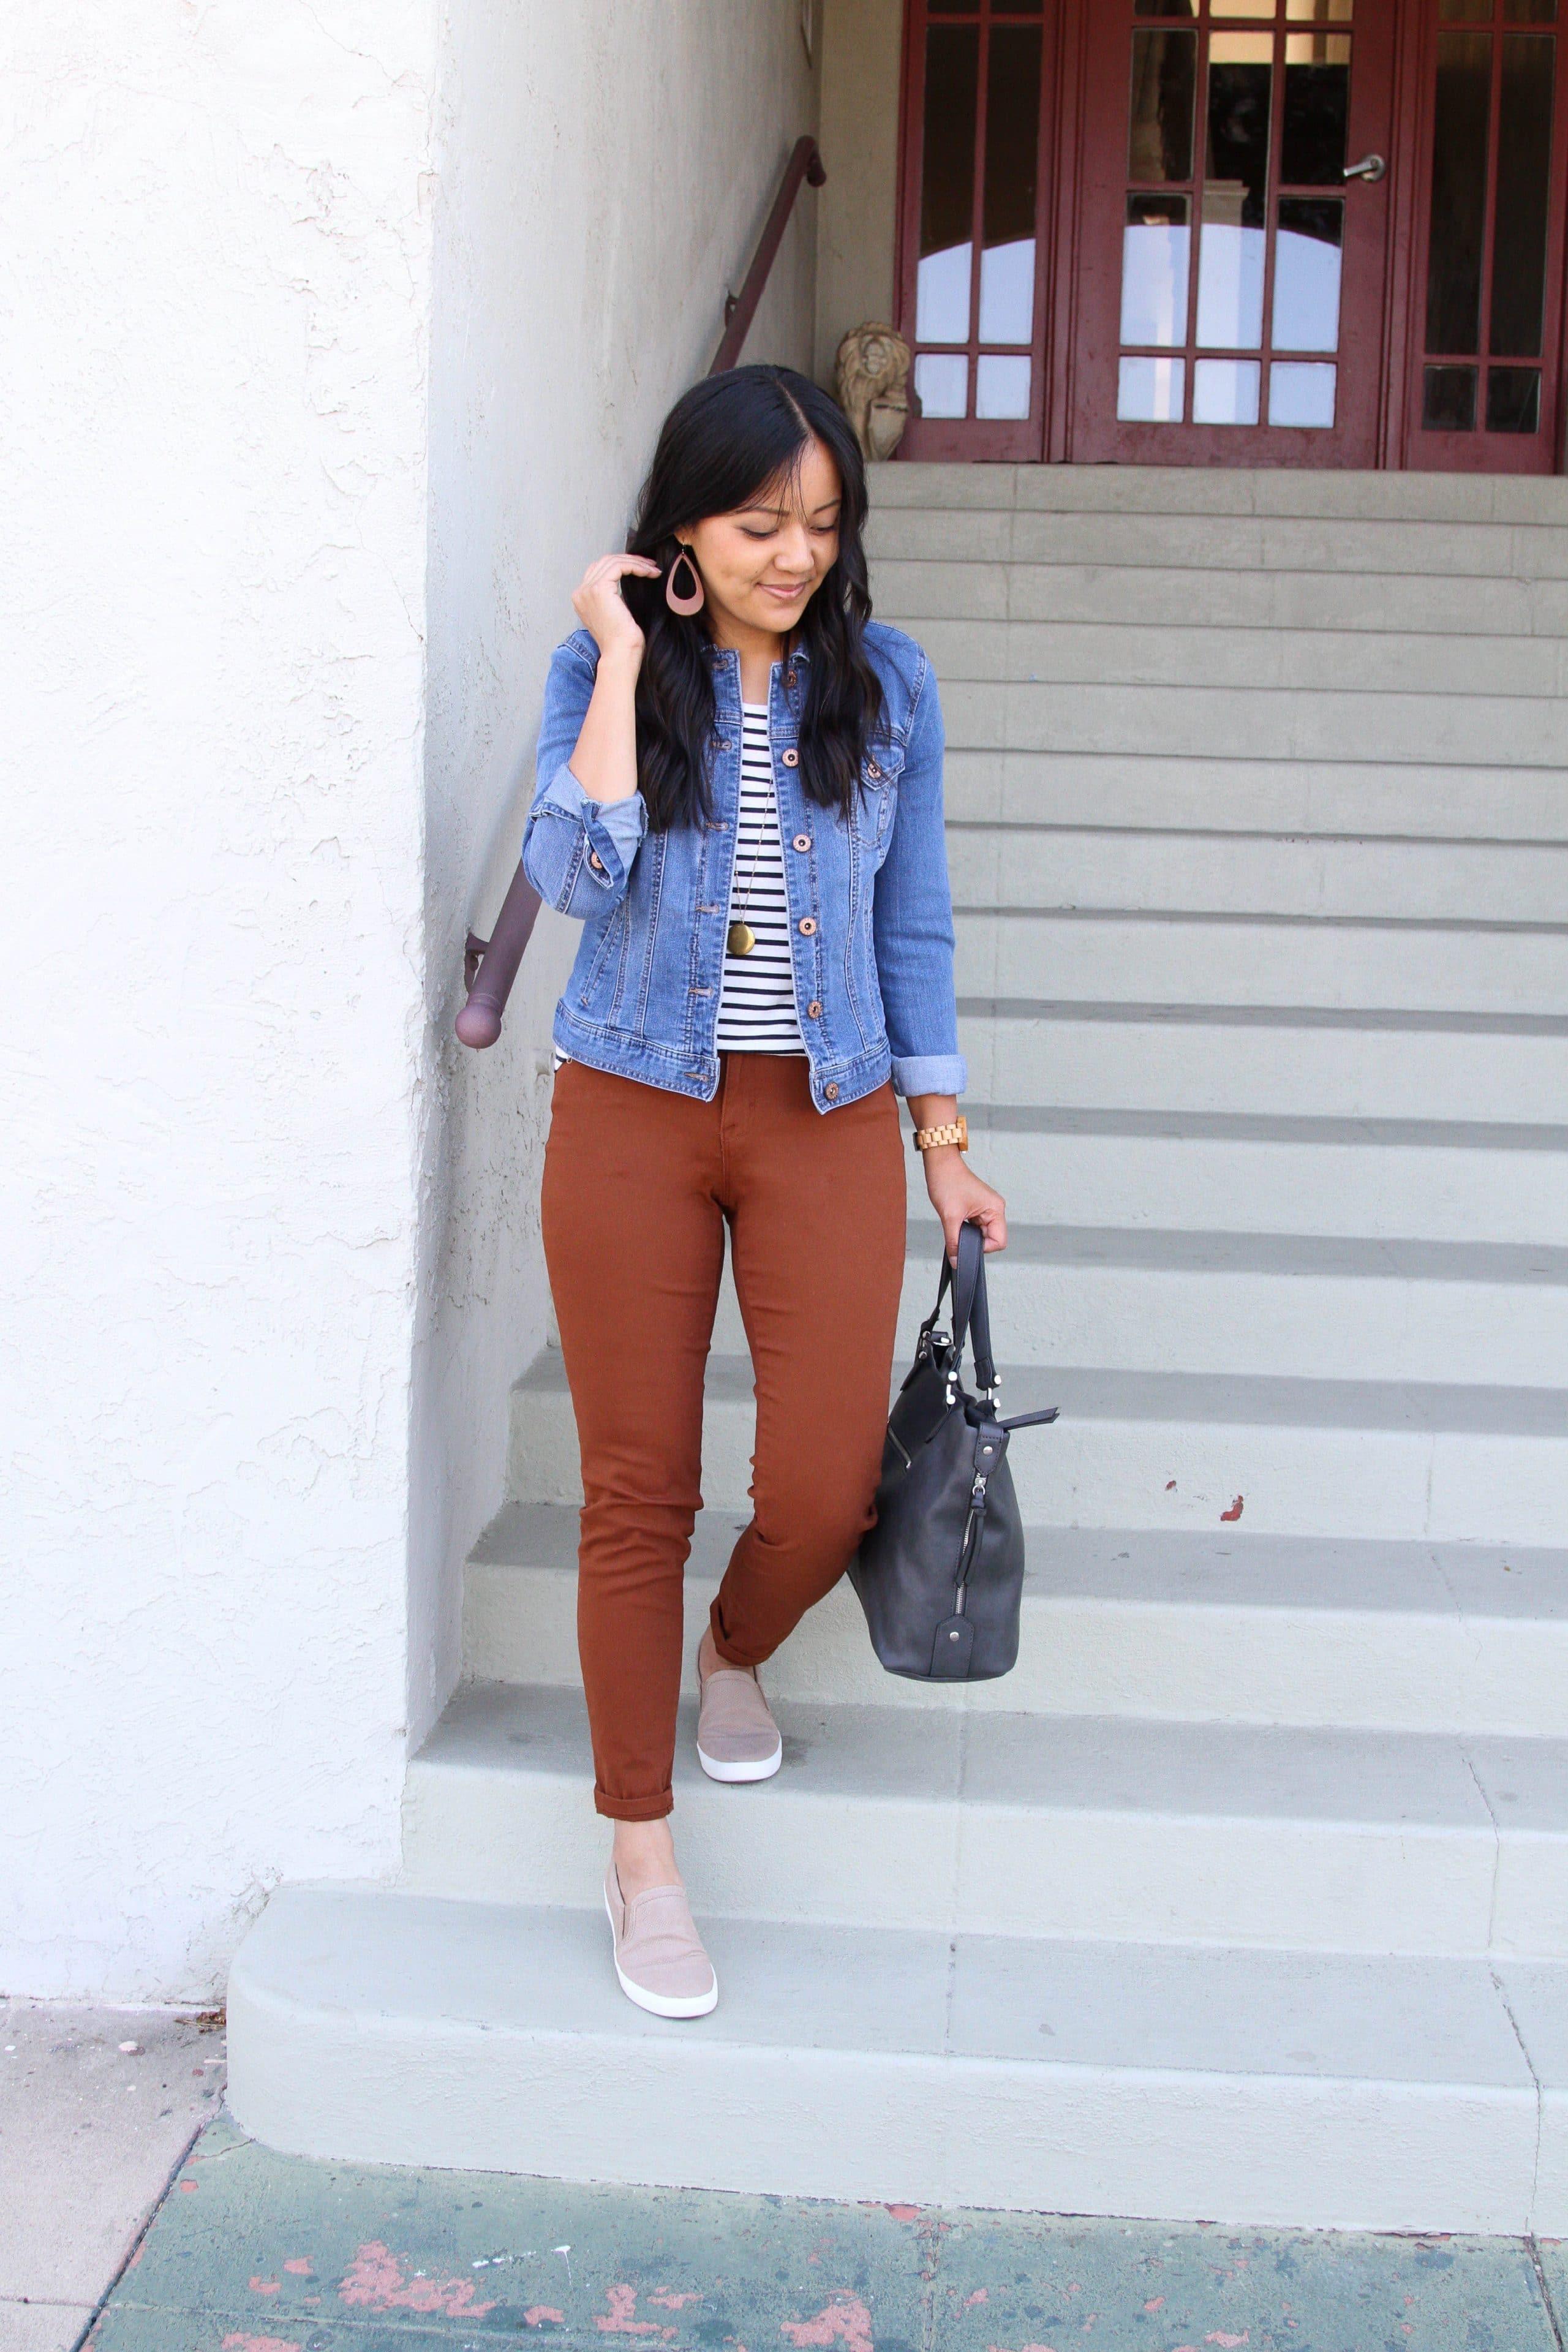 black and white striped tee + brown skinnies + tan slip on sneakers + denim jacket + grey purse